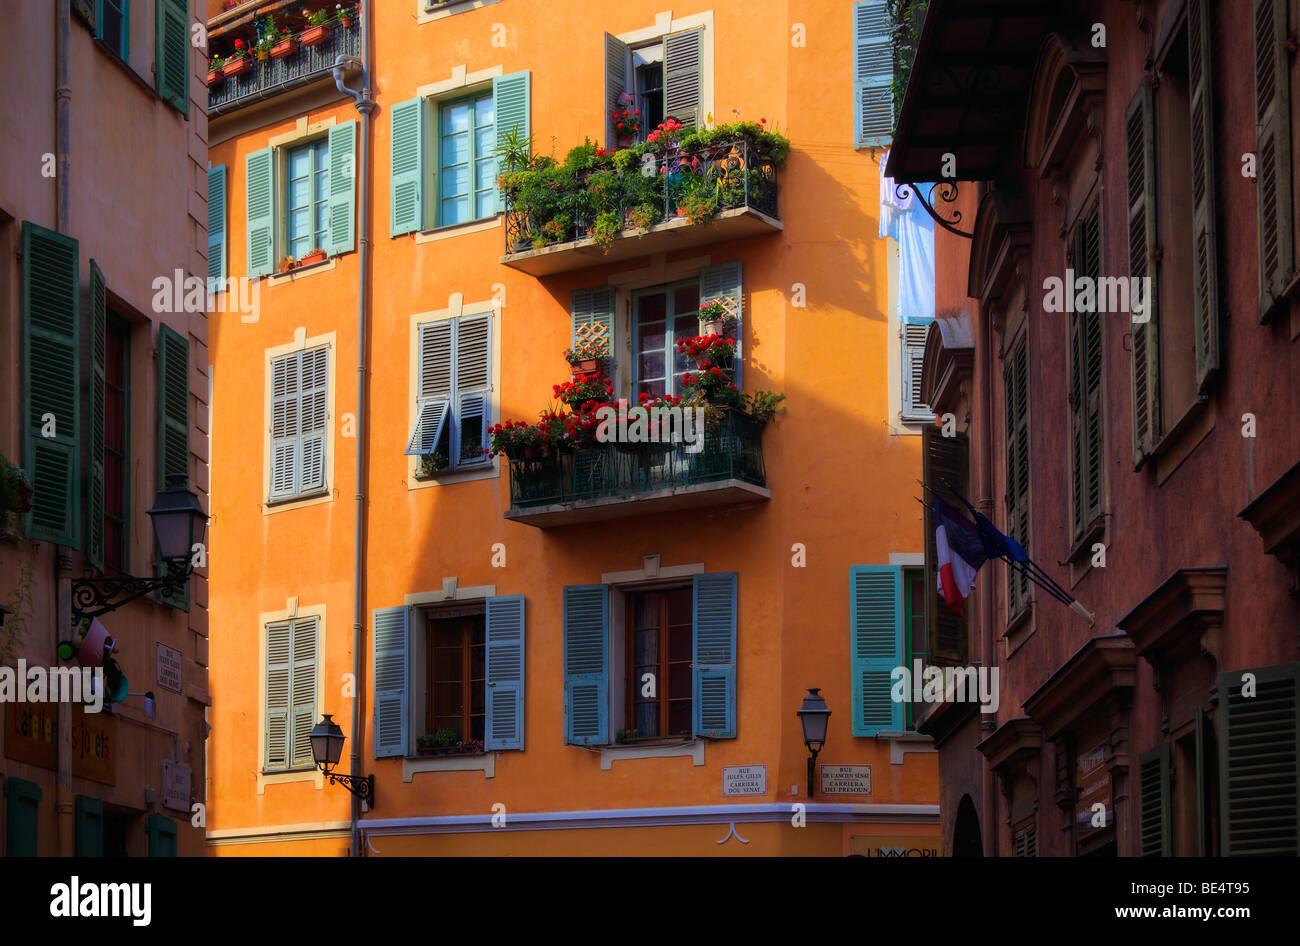 Vielle Ville (Altstadt) Teil von Nizza, Frankreich Stockbild